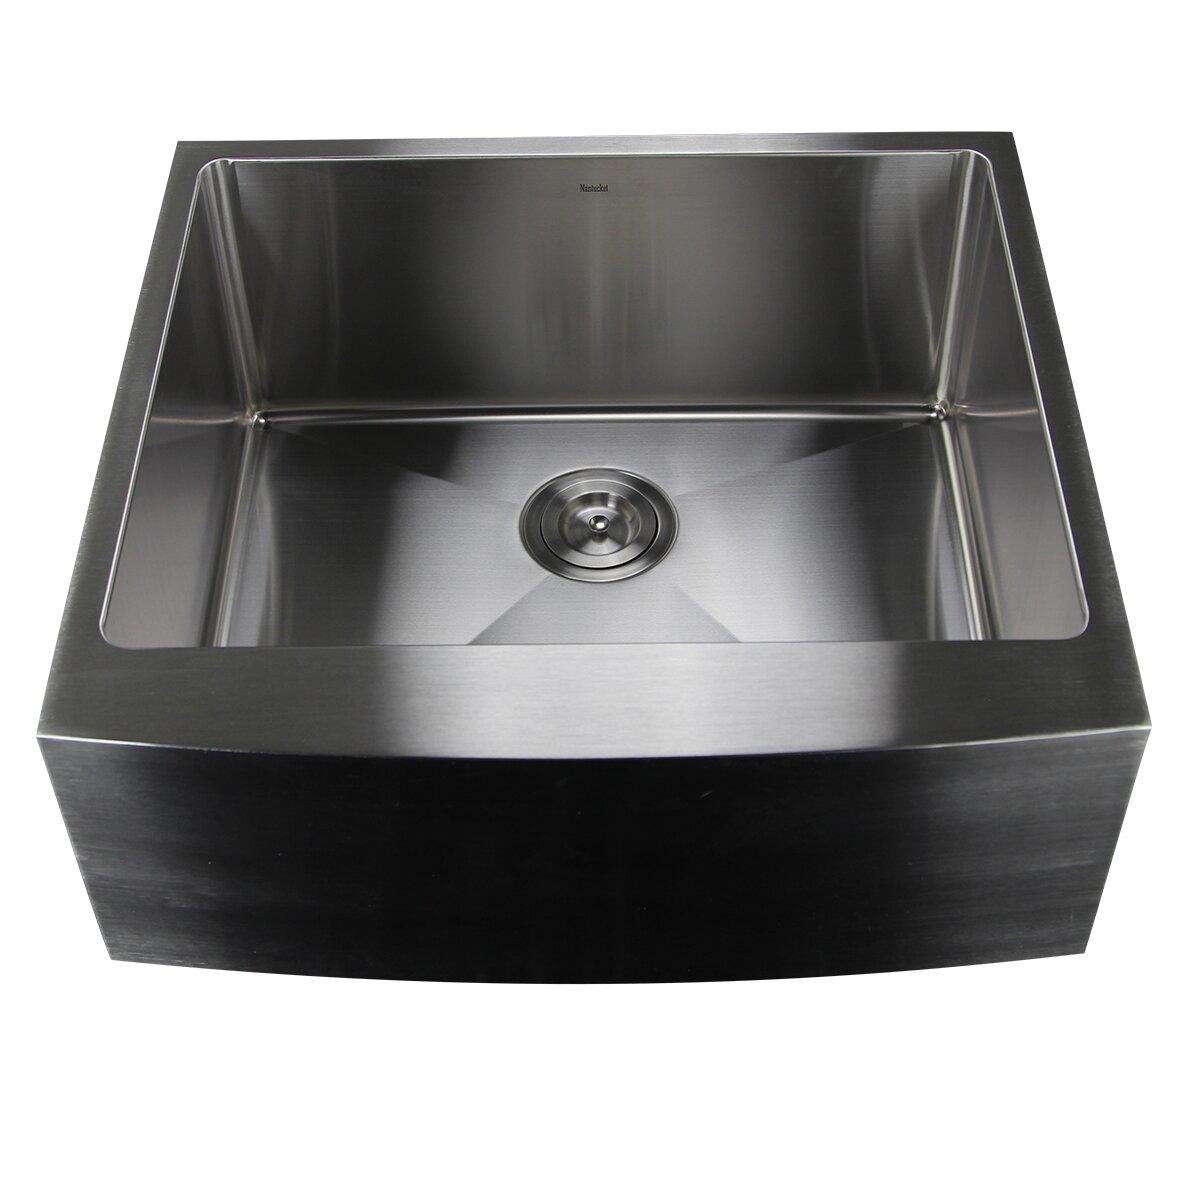 24 Apron Front Sink : Kitchen Sinks Nantucket Sinks Part #: Apron2420-SR-16 SKU: NSK1193